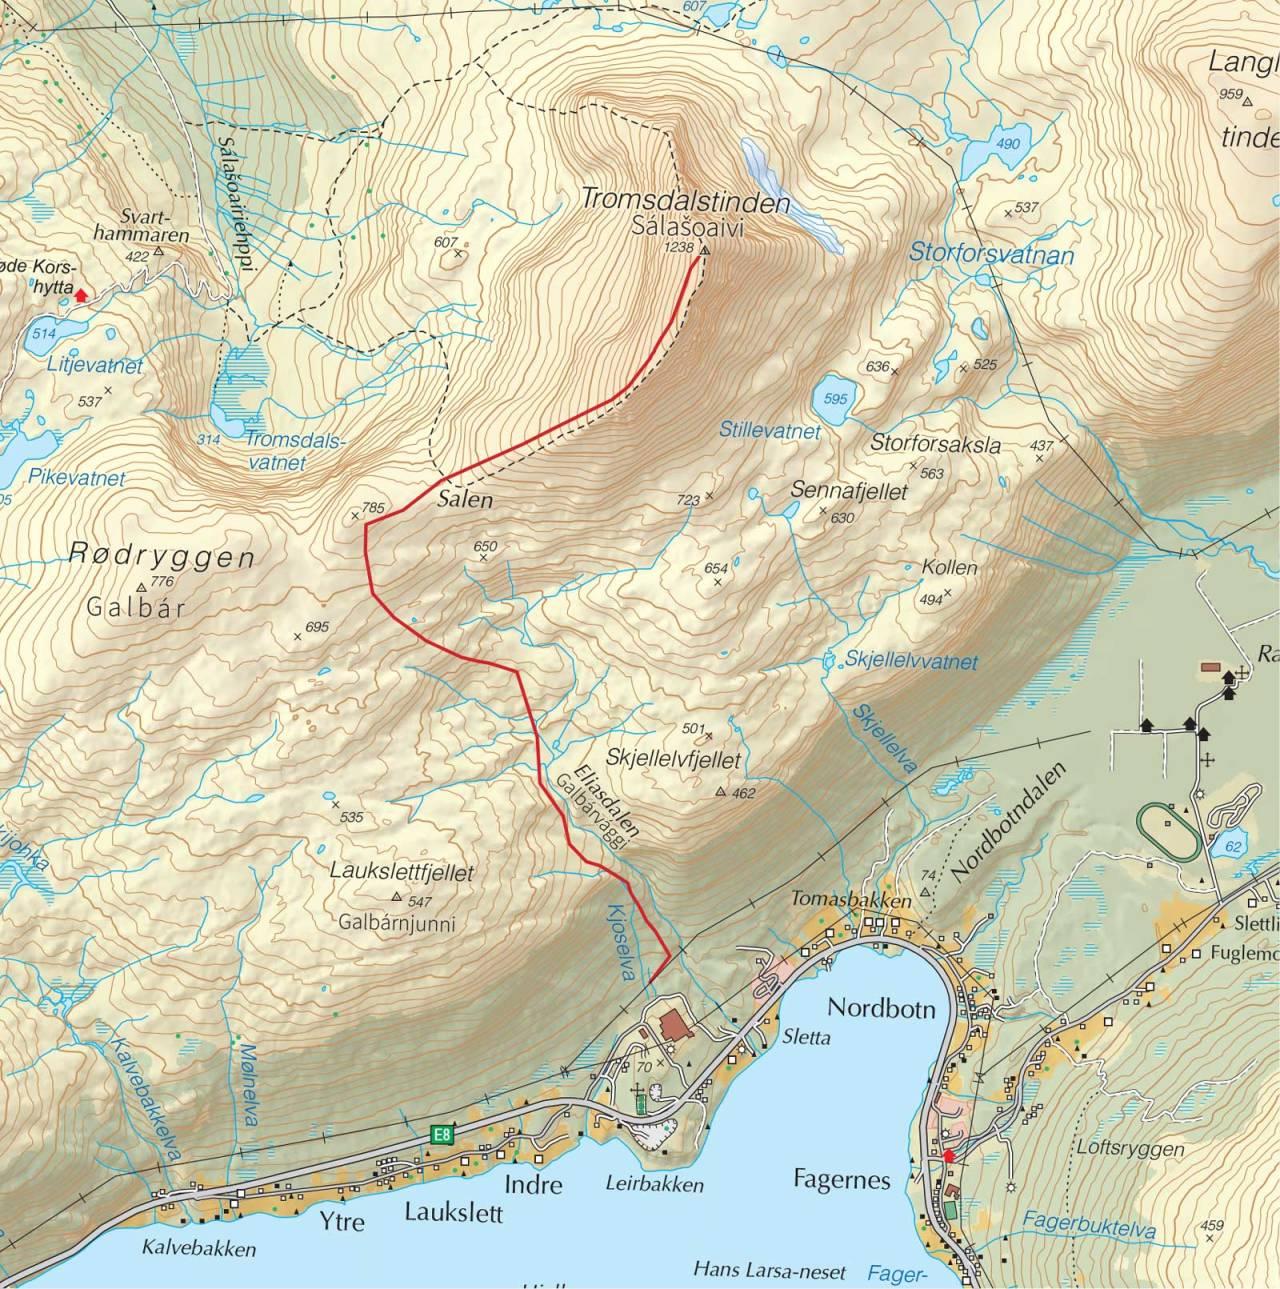 Kart over Tromsdalstinden med inntegnet rute. Fra Trygge toppturer.